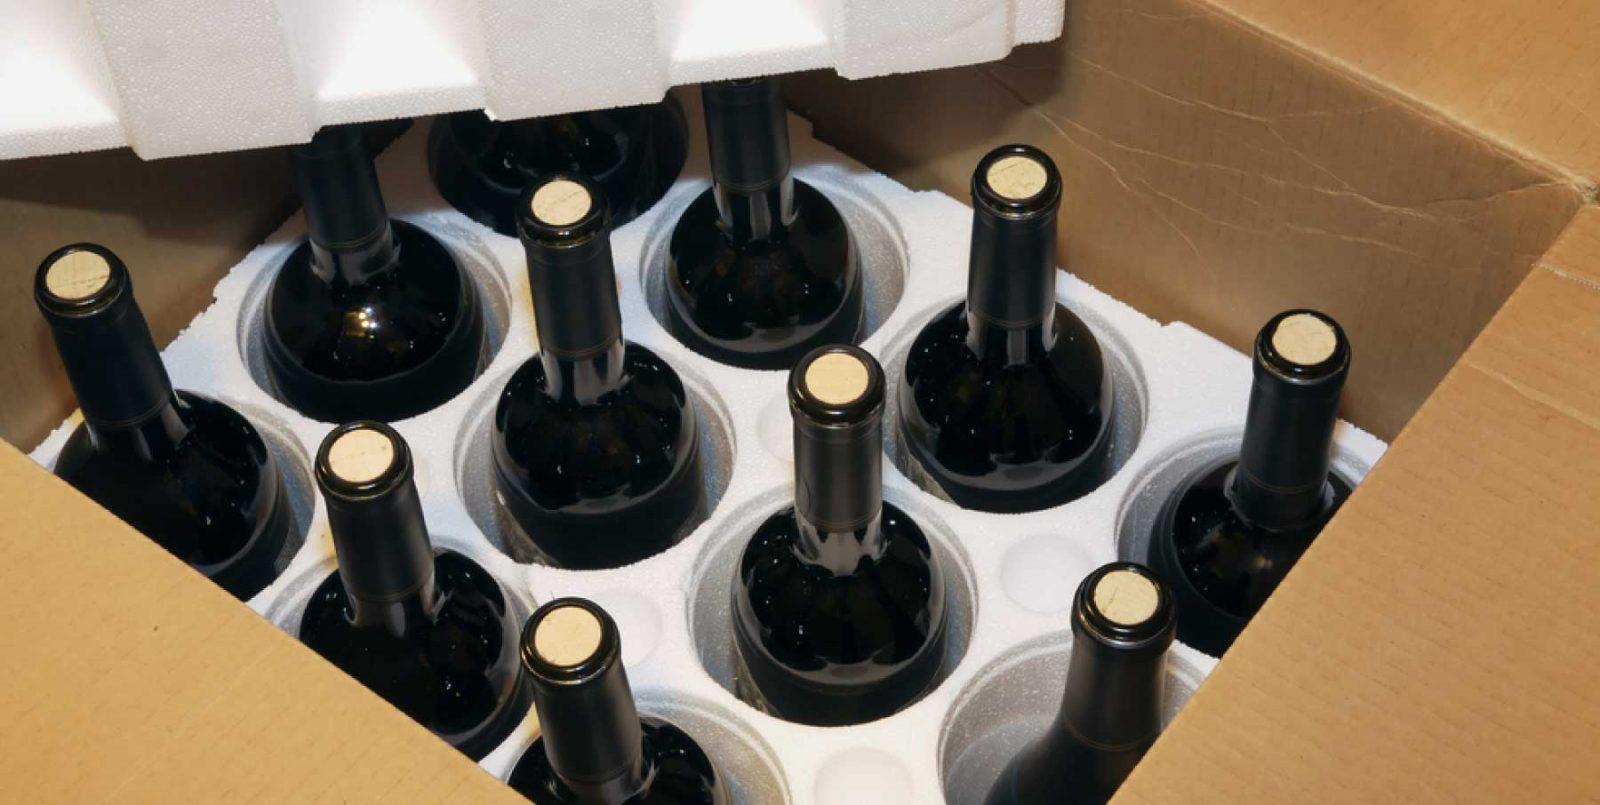 Spedire campionature di vino all'estero: regole di base